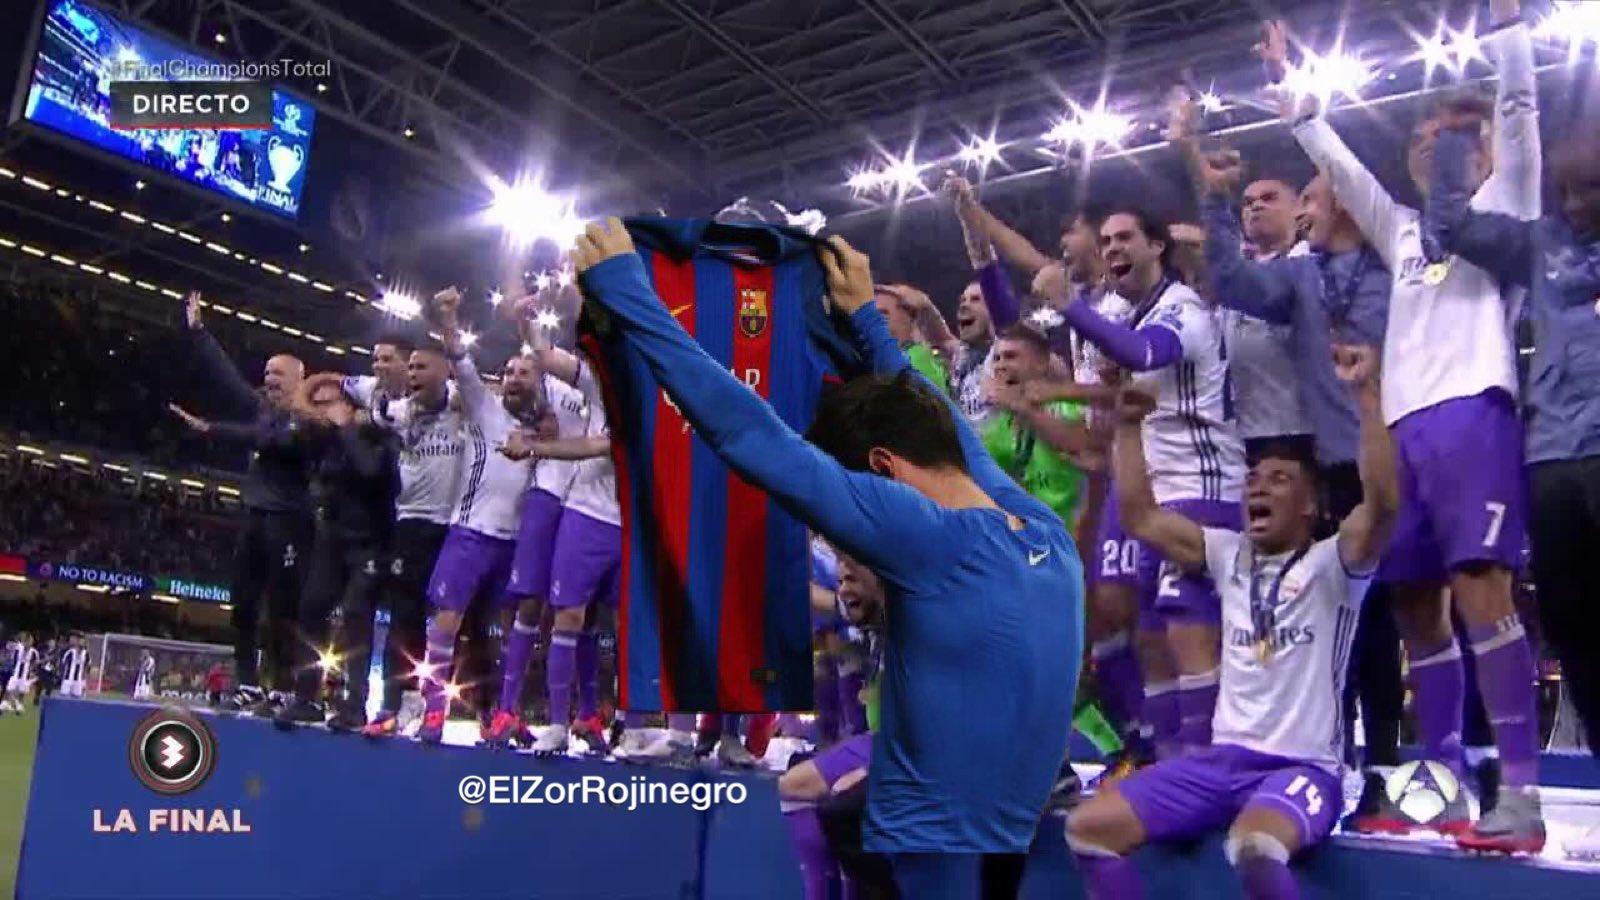 Bestes Meme des zwölften Champion Real Madrid